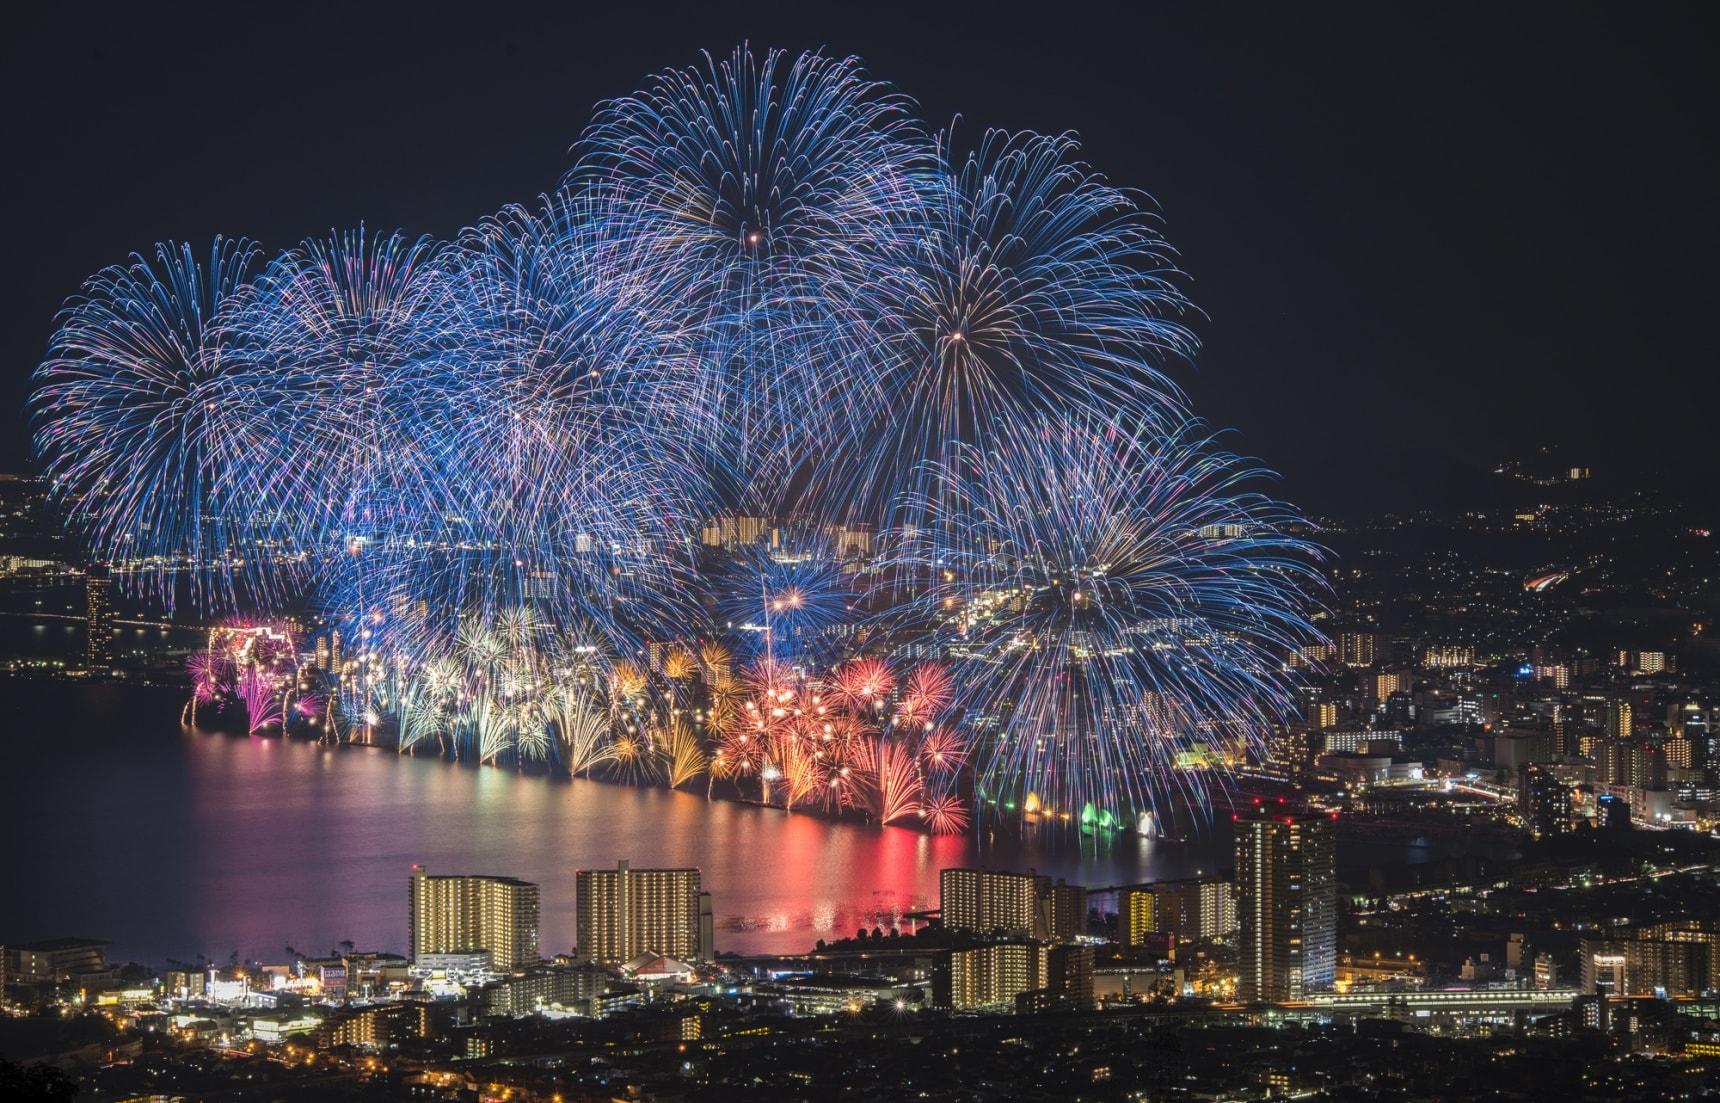 【日本關西】2019年關西地區花火接力賽倒數開始!大家準備好要出發了嗎?